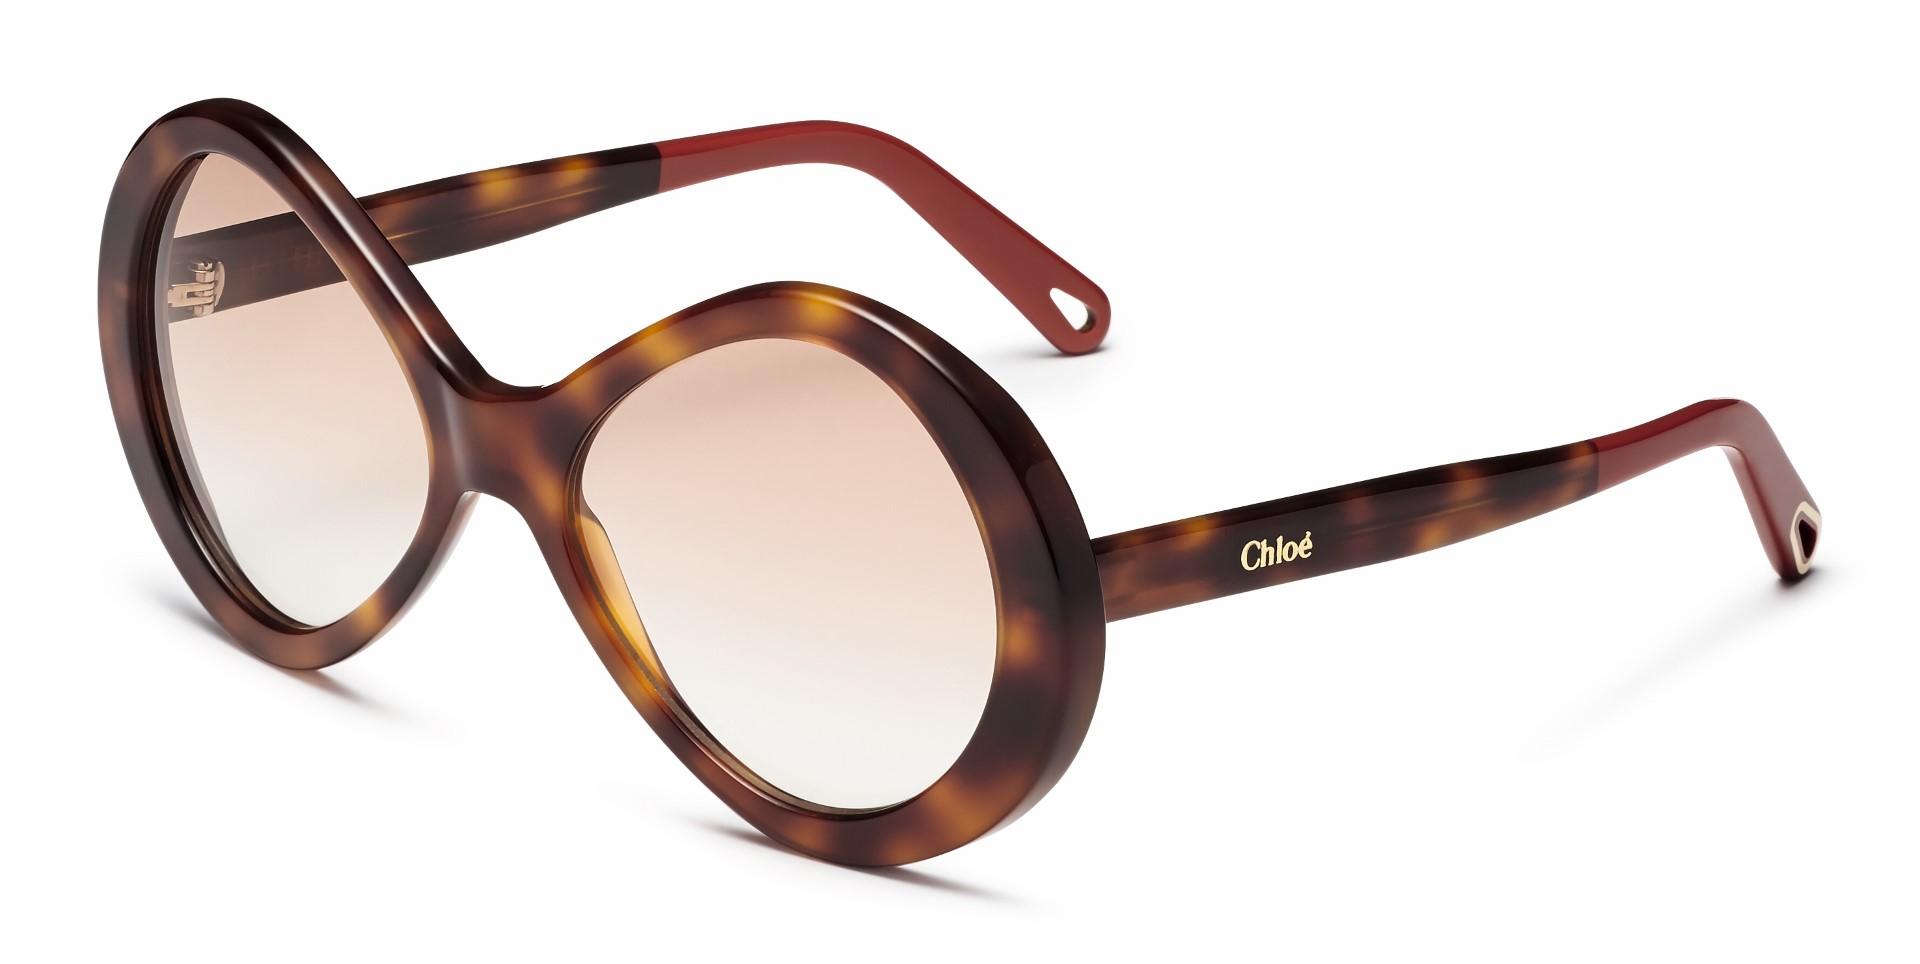 Chloé occhiali da sole 2019